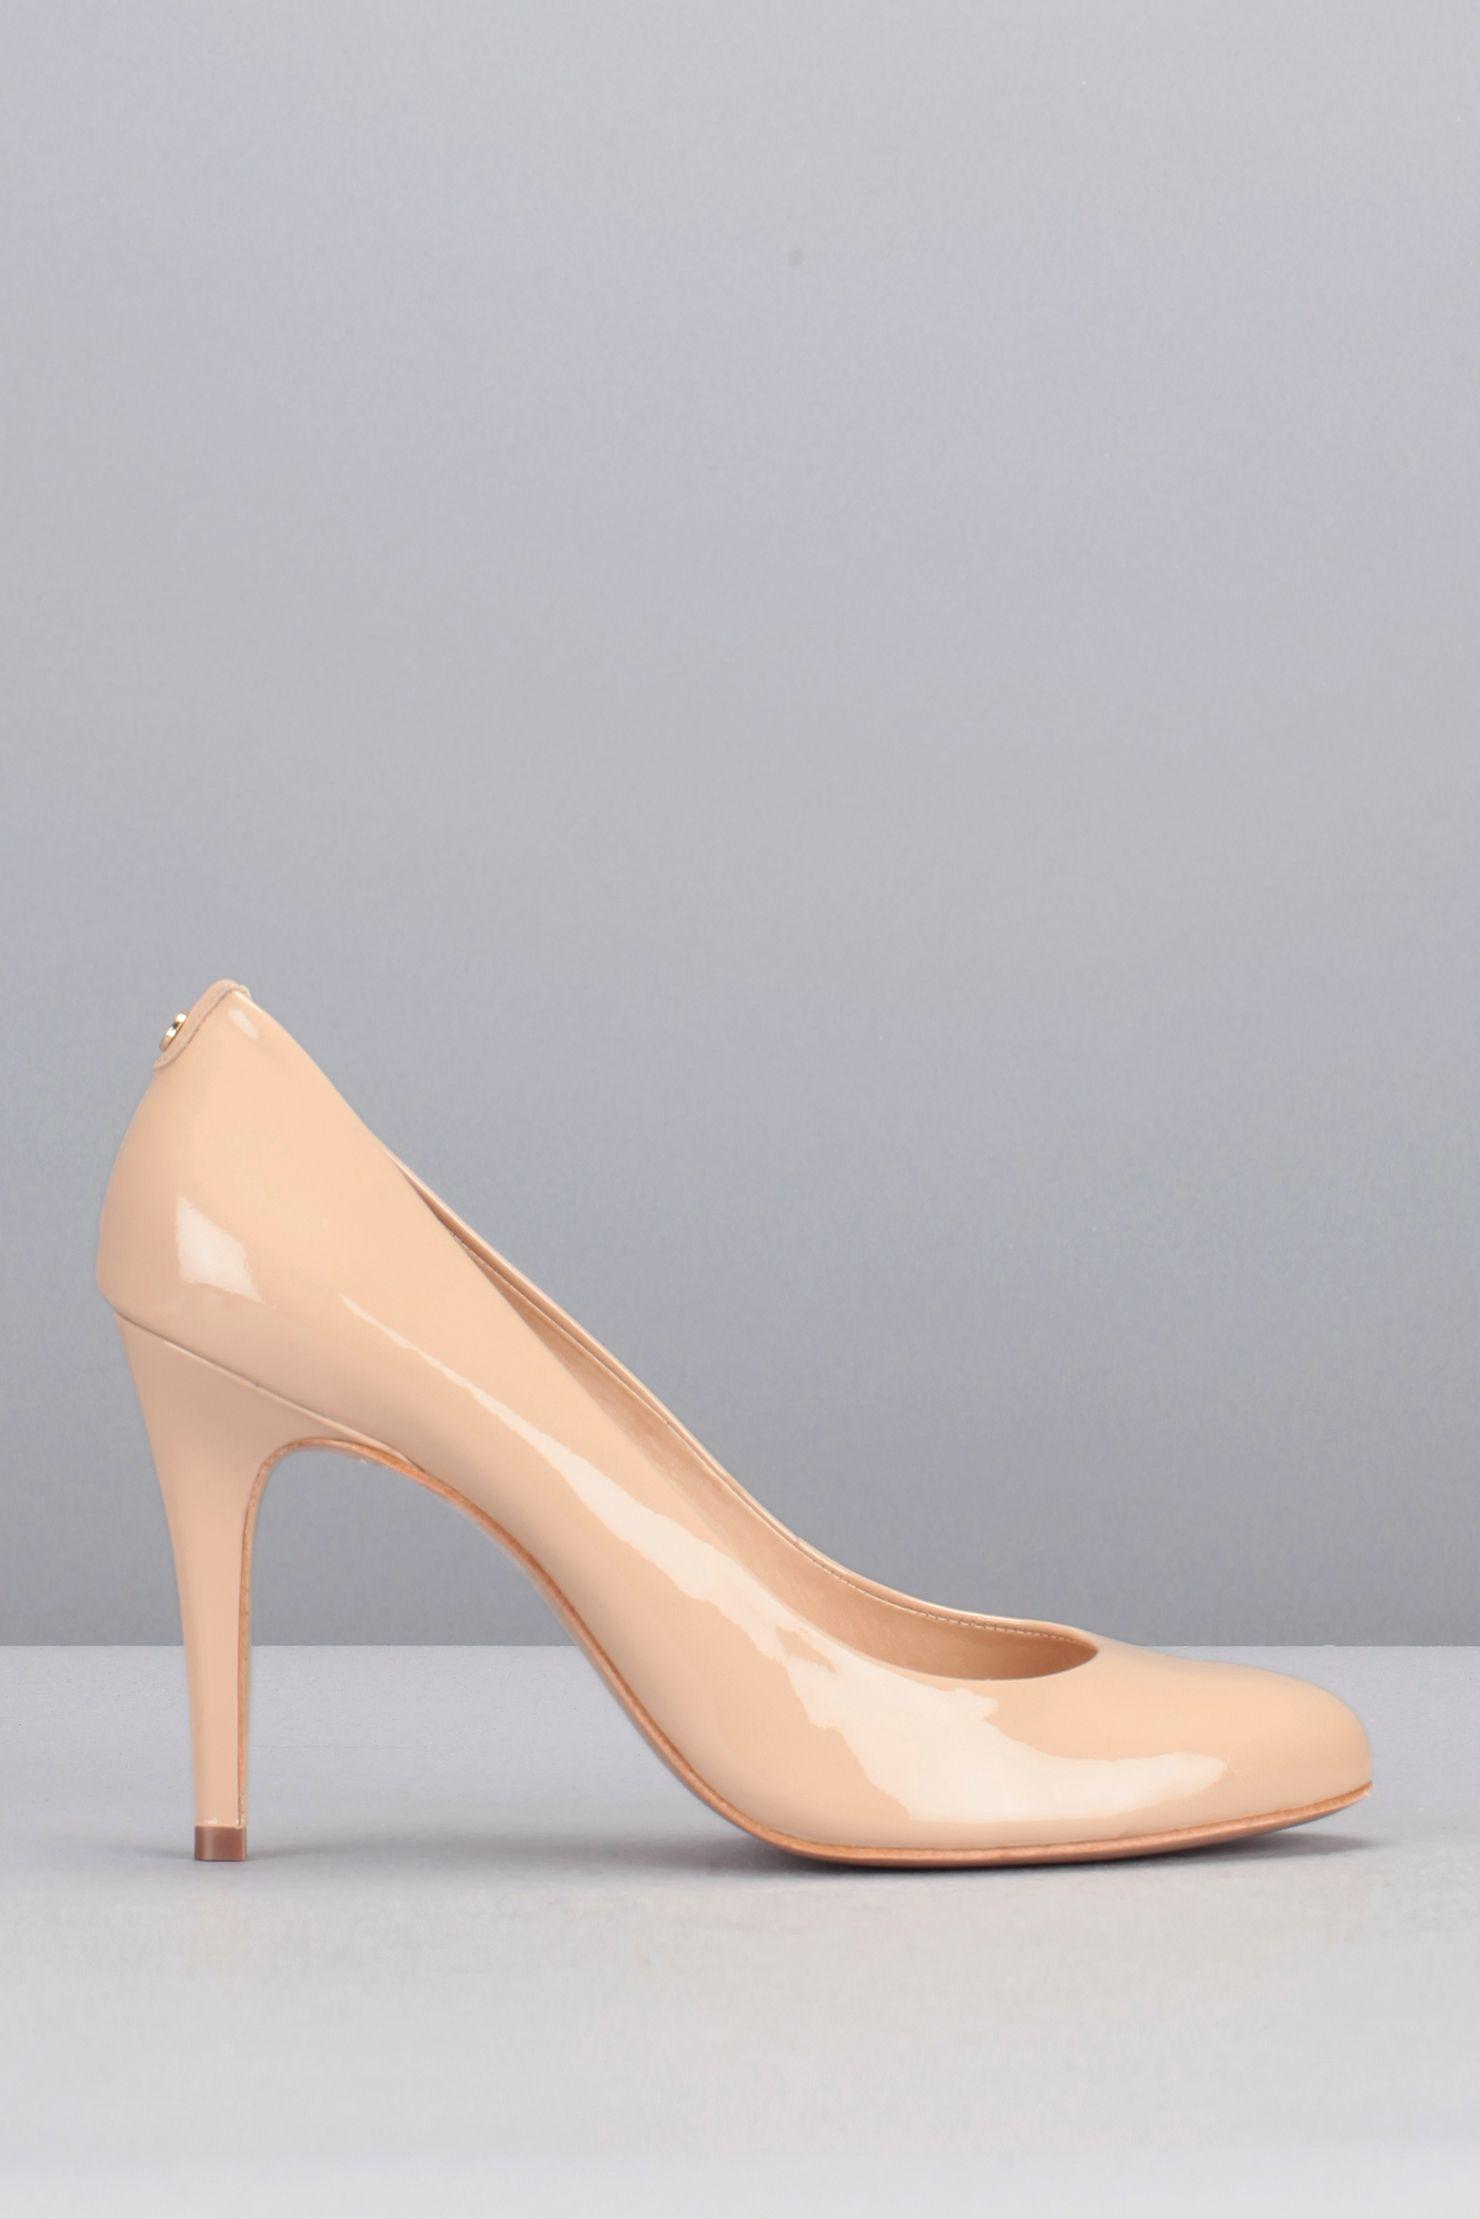 0410f576a3228e Escarpins nude cuir vernis Jelissa Rose Cosmoparis sur MonShowroom.com